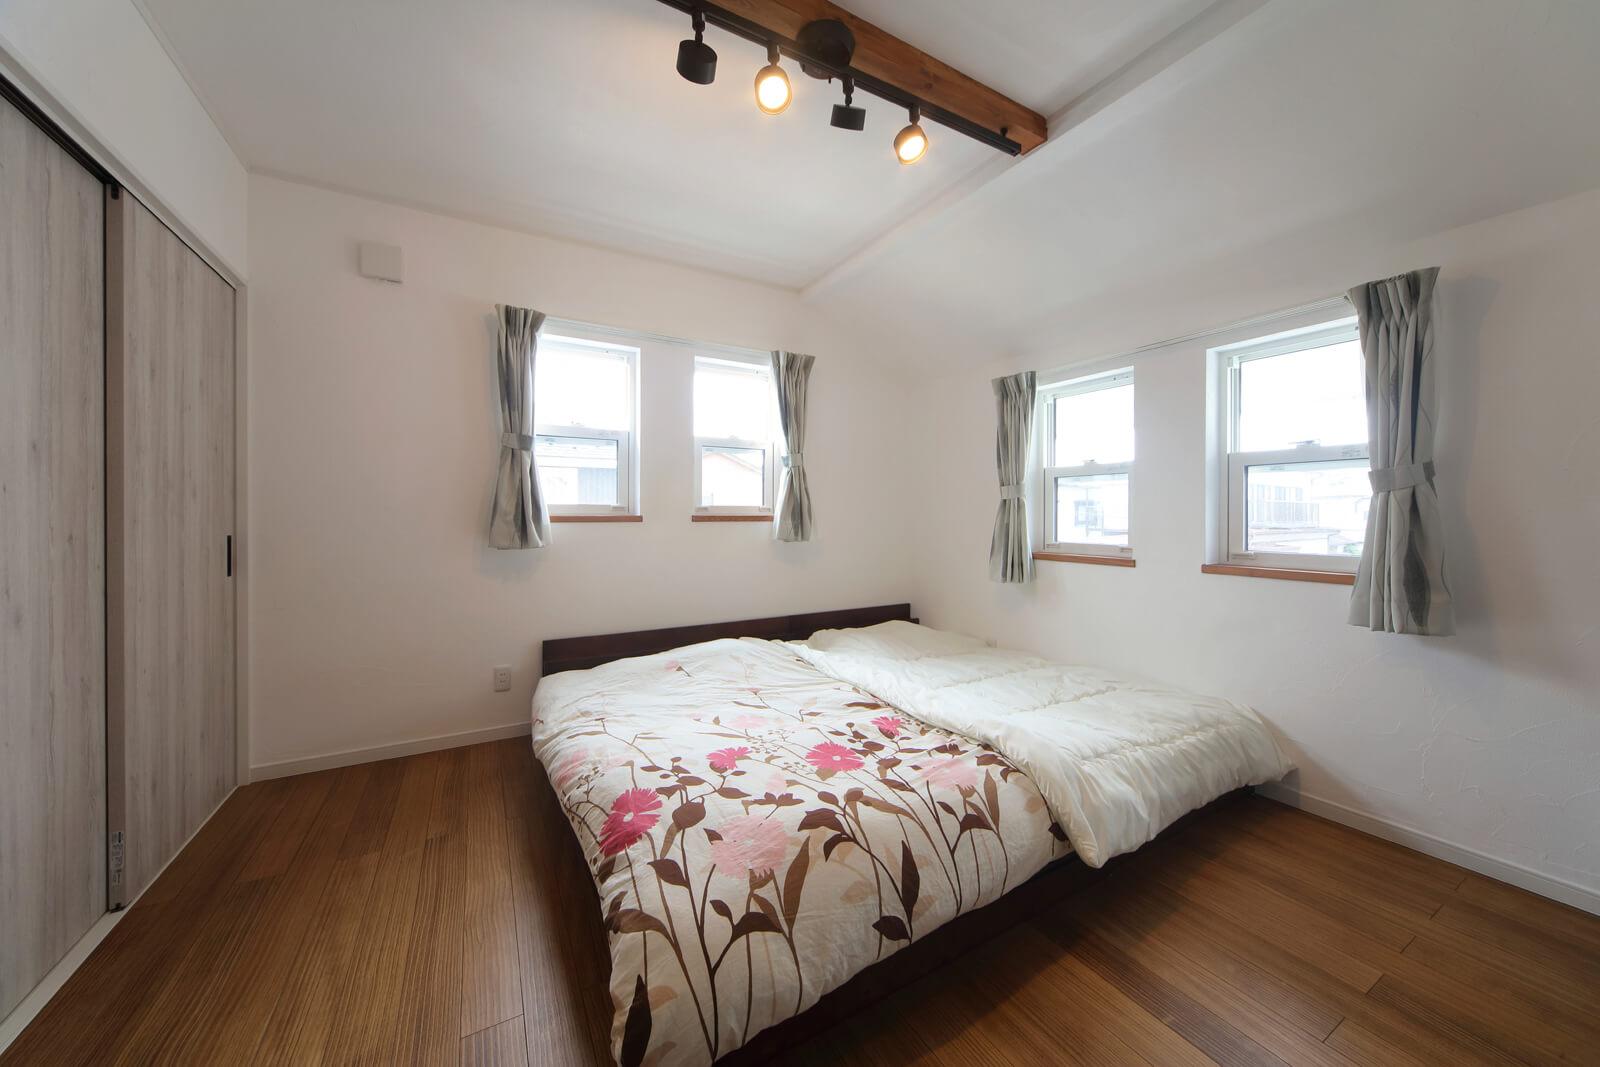 窓を開ければ心地よい風が入る主寝室。左手には納戸と収納をレイアウト